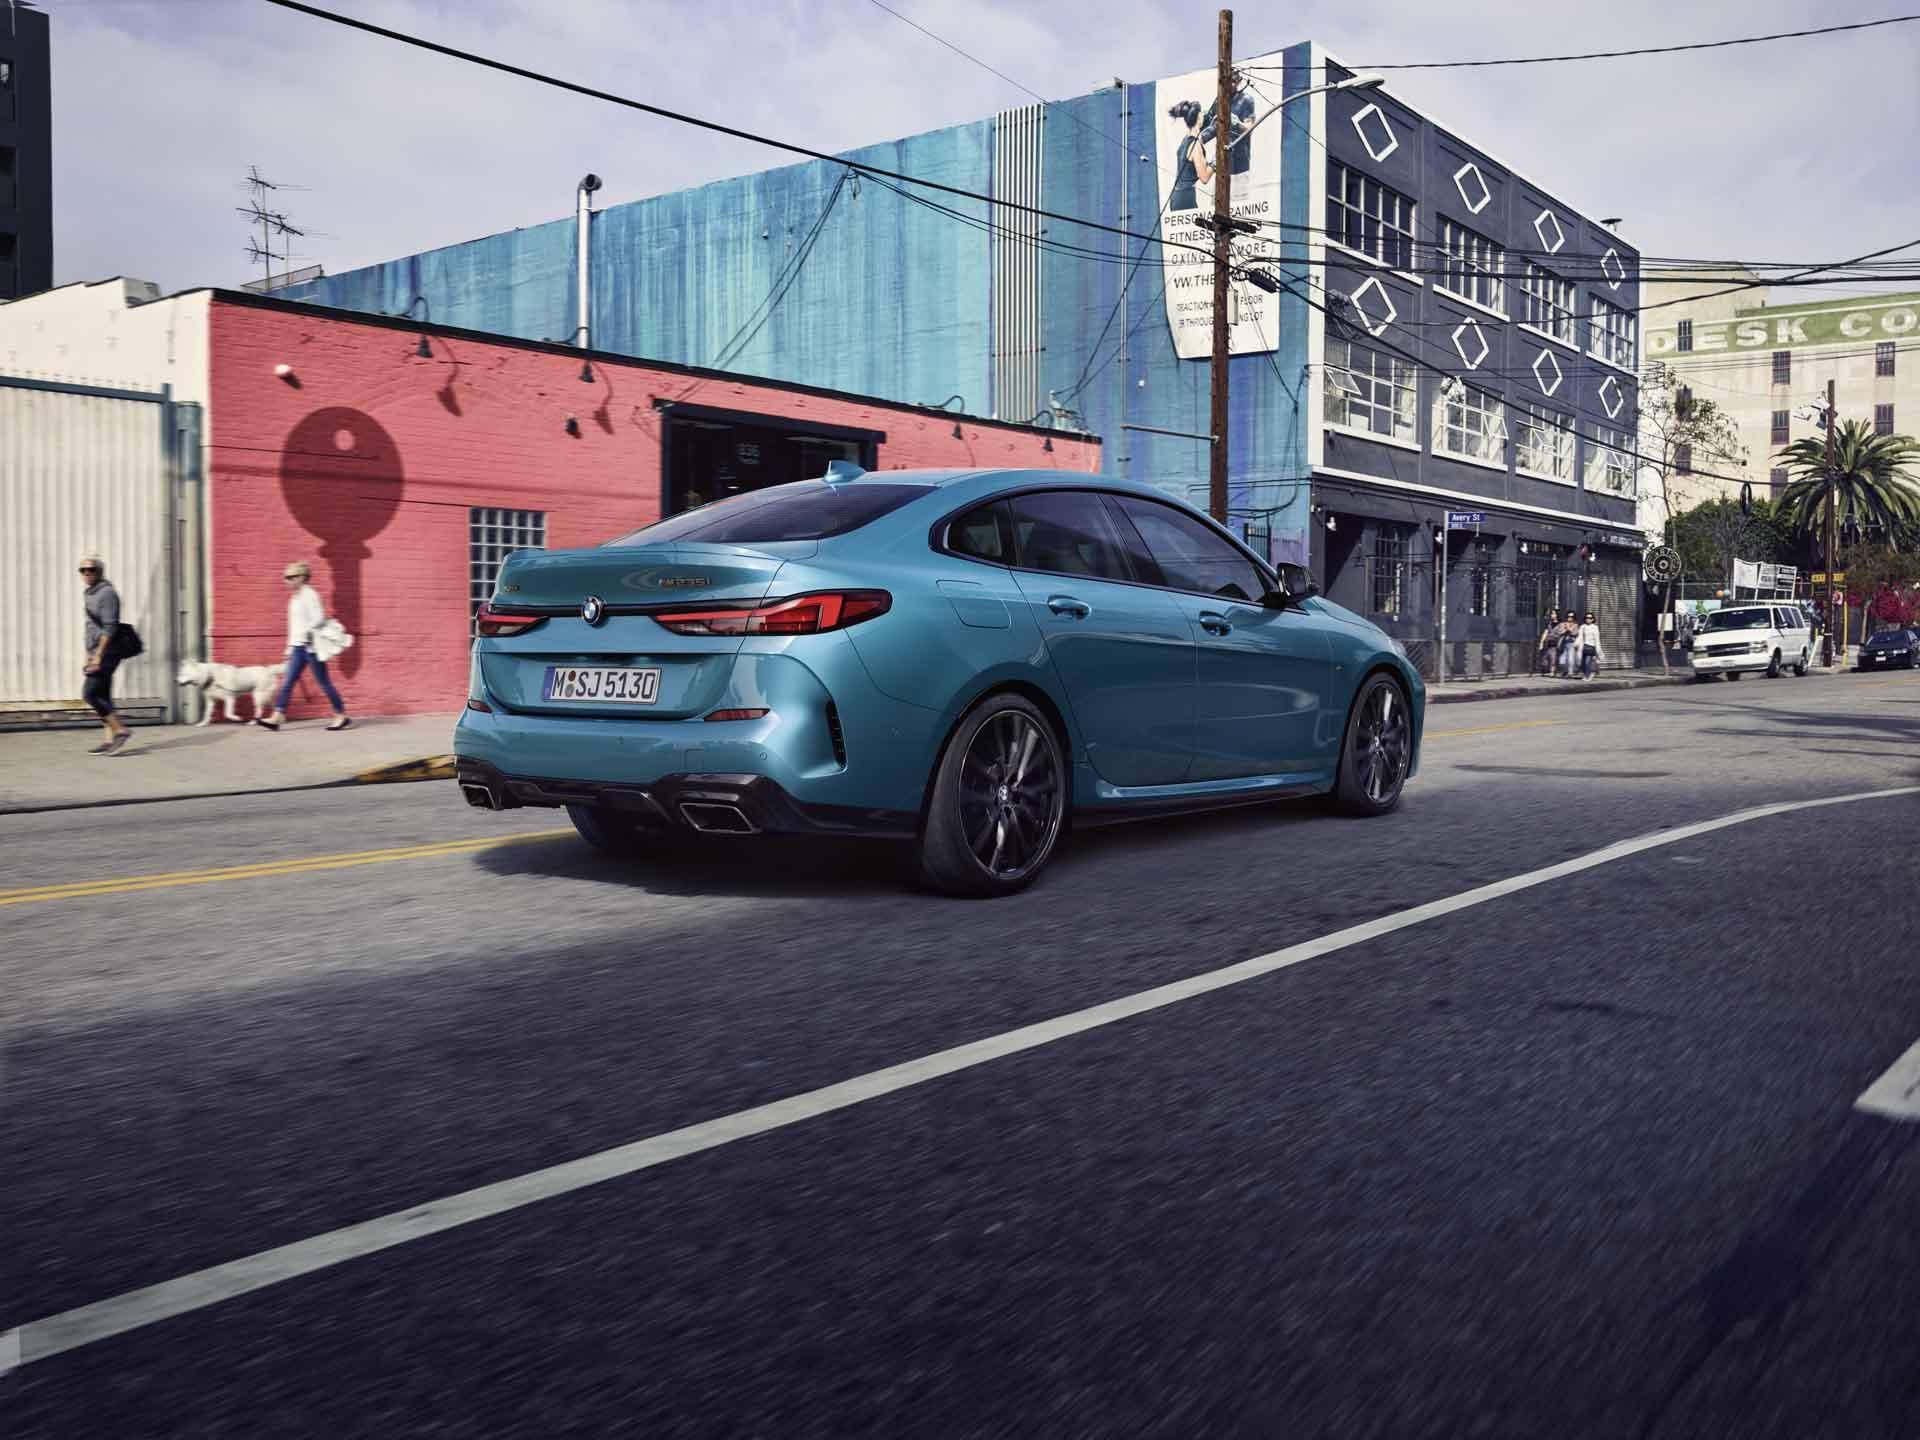 2021 年式 BMW 2系列Gran Coupé,提供低月付 9,900 元起多元分期方案或尊榮租賃專案。